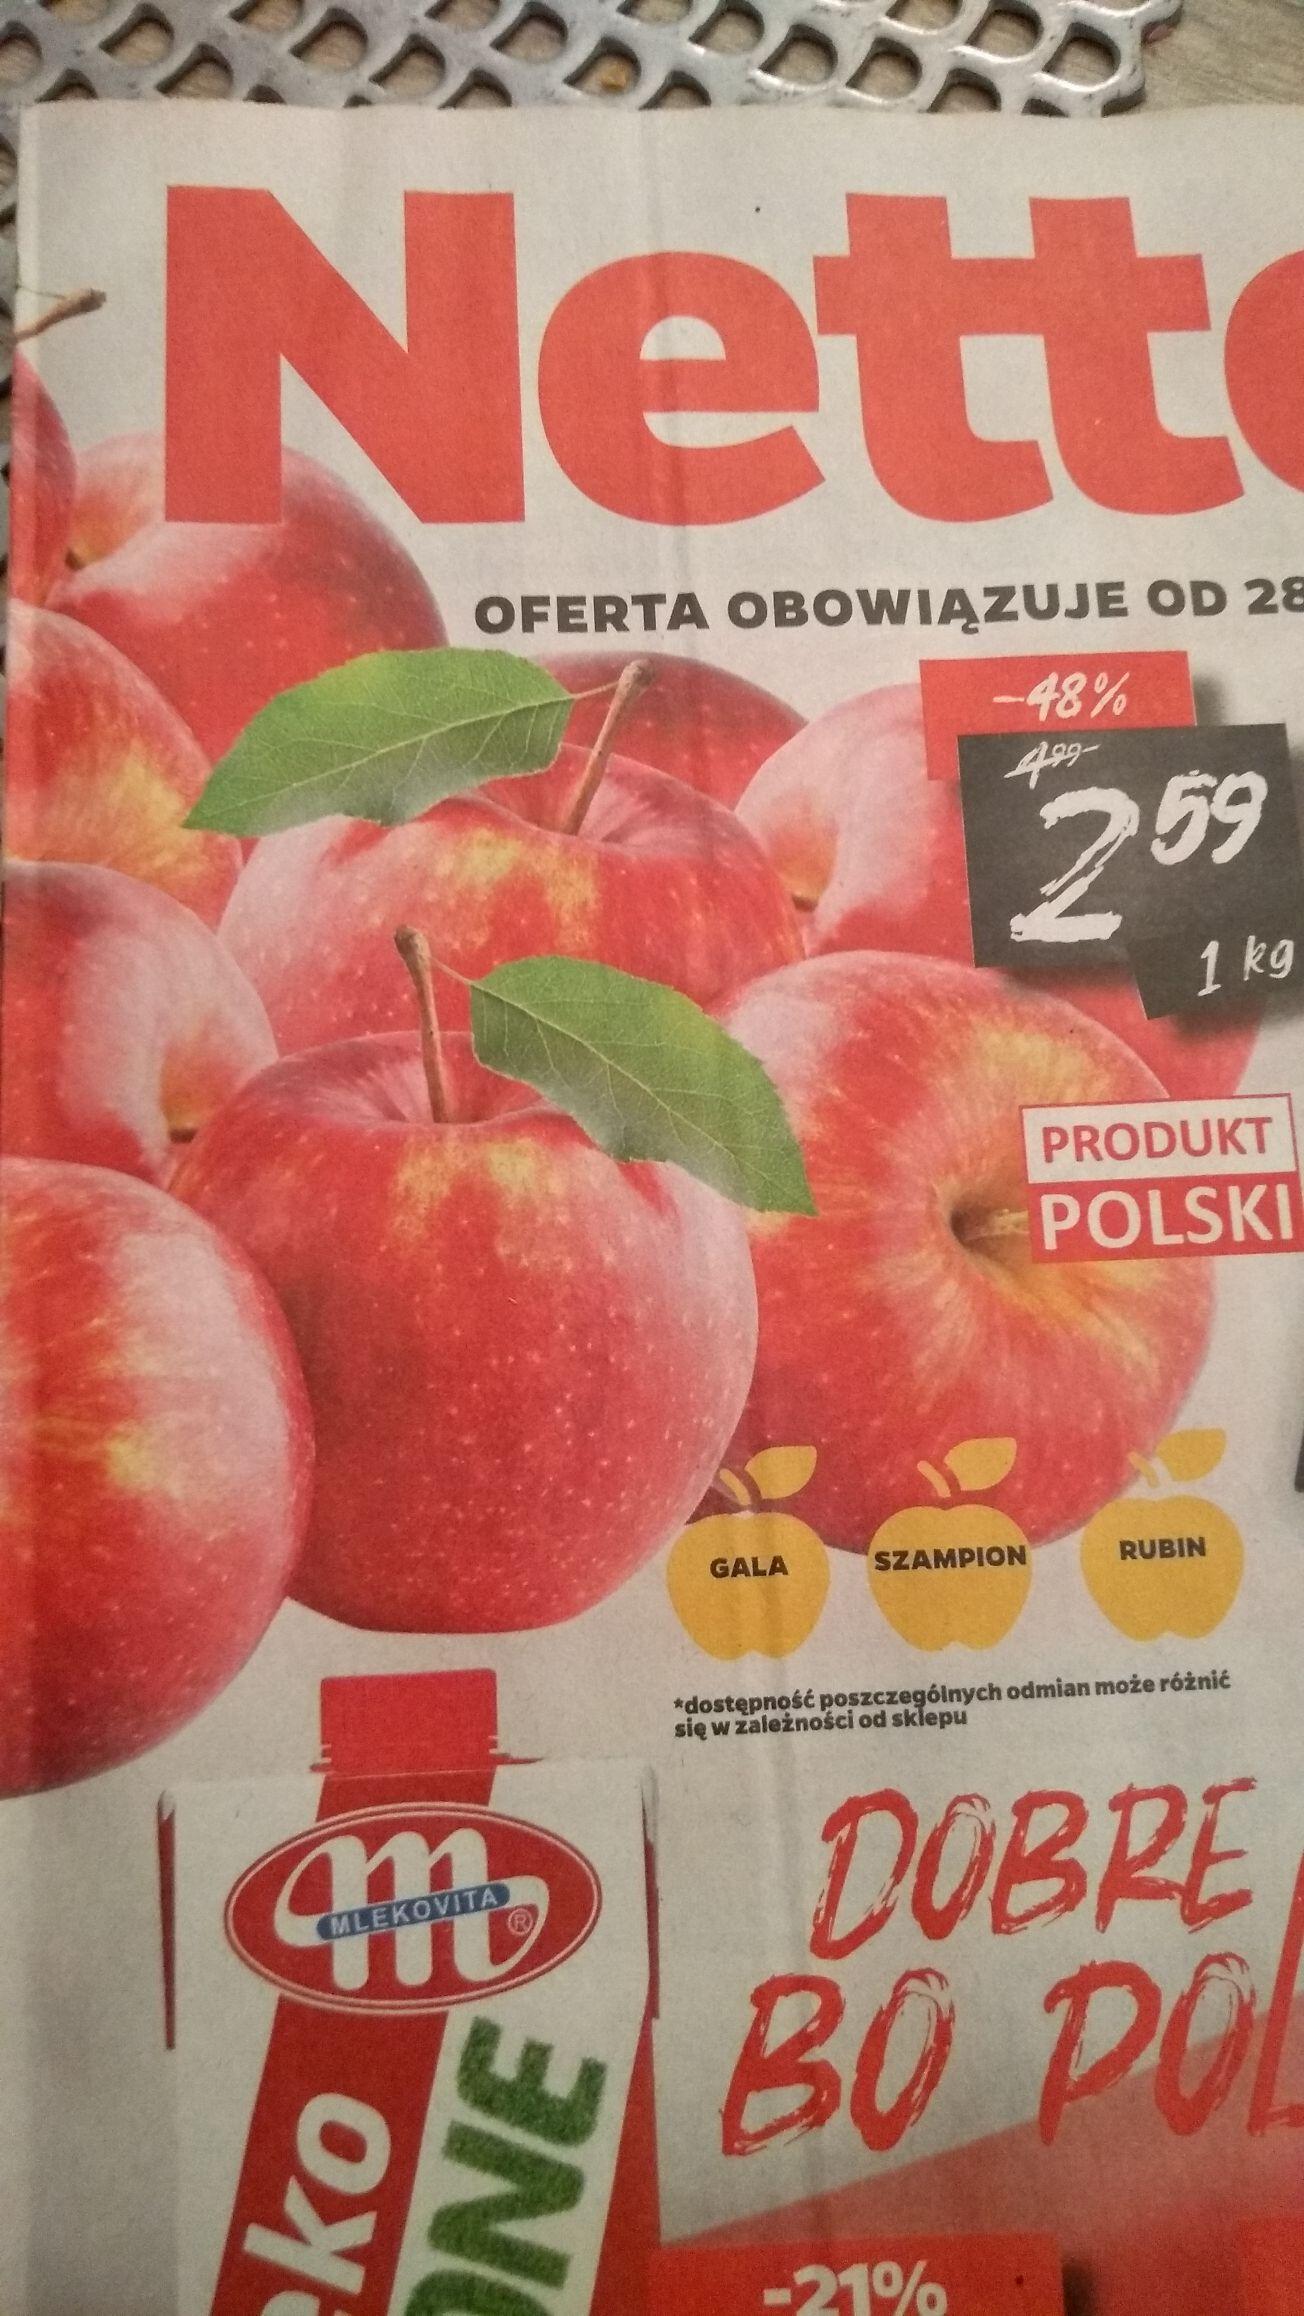 Polskie jabłka w Netto